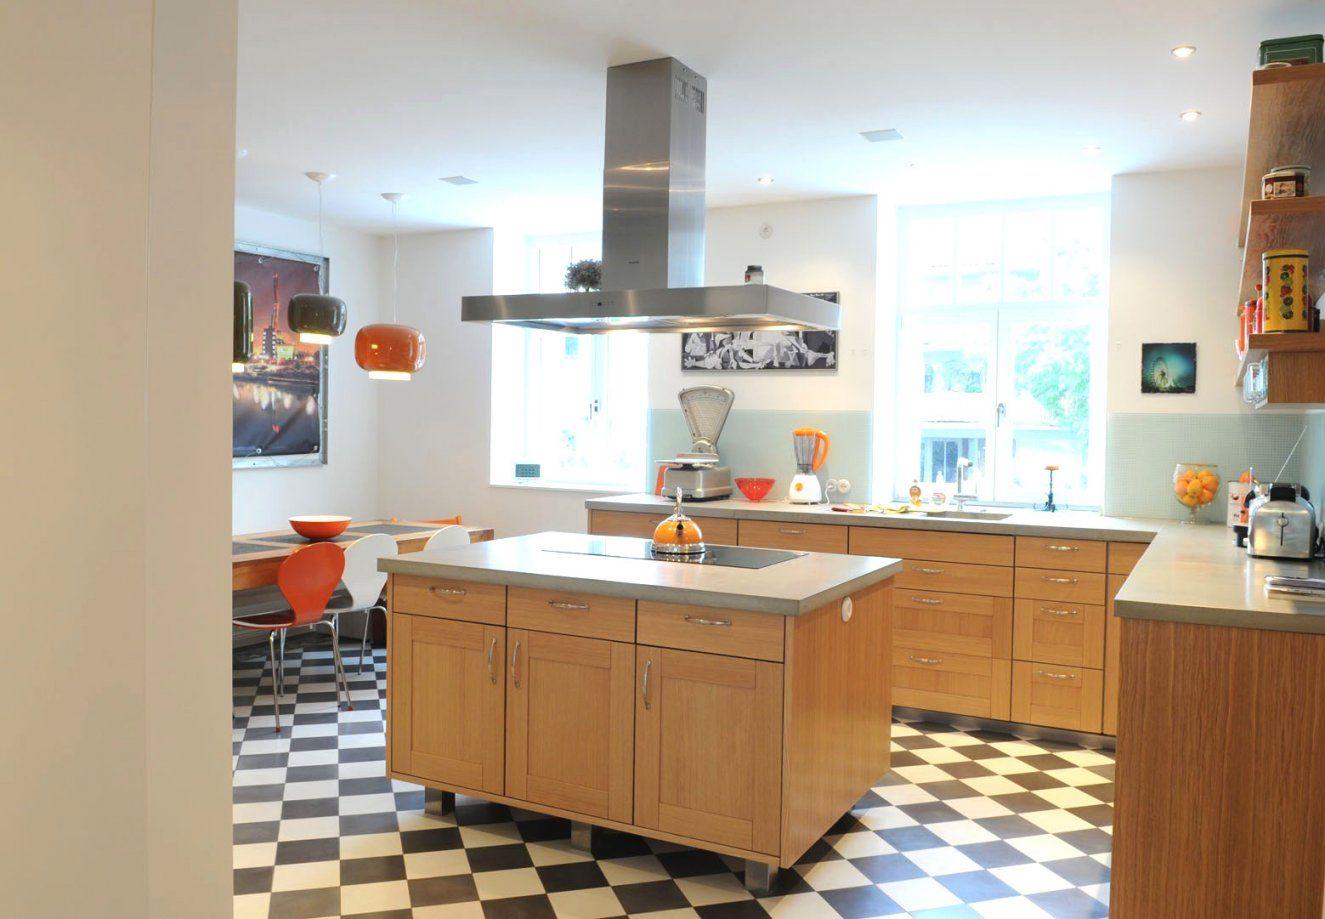 fantastische inspiration moderne k chen sch ner wohnen und angenehme von moderne k chen sch ner. Black Bedroom Furniture Sets. Home Design Ideas